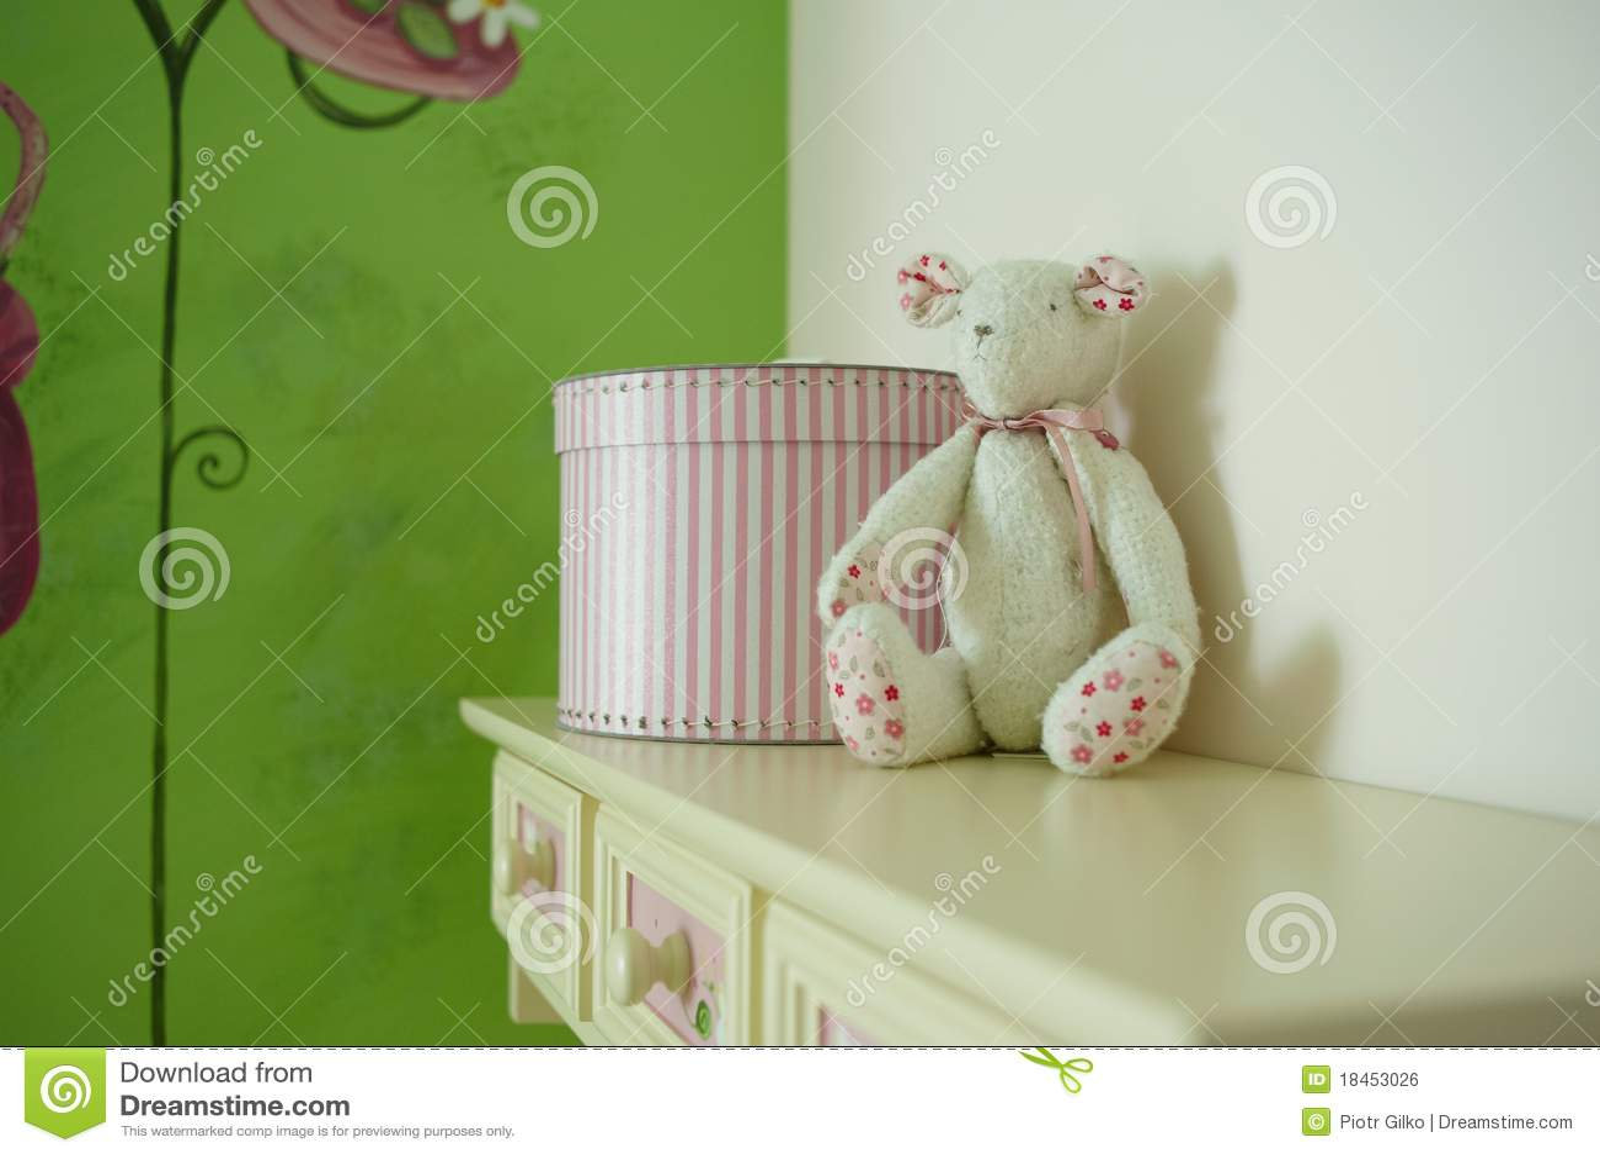 Etagere Avion Chambre Bebe jouet d'ours dans la chambre d'enfant photo stock - image du